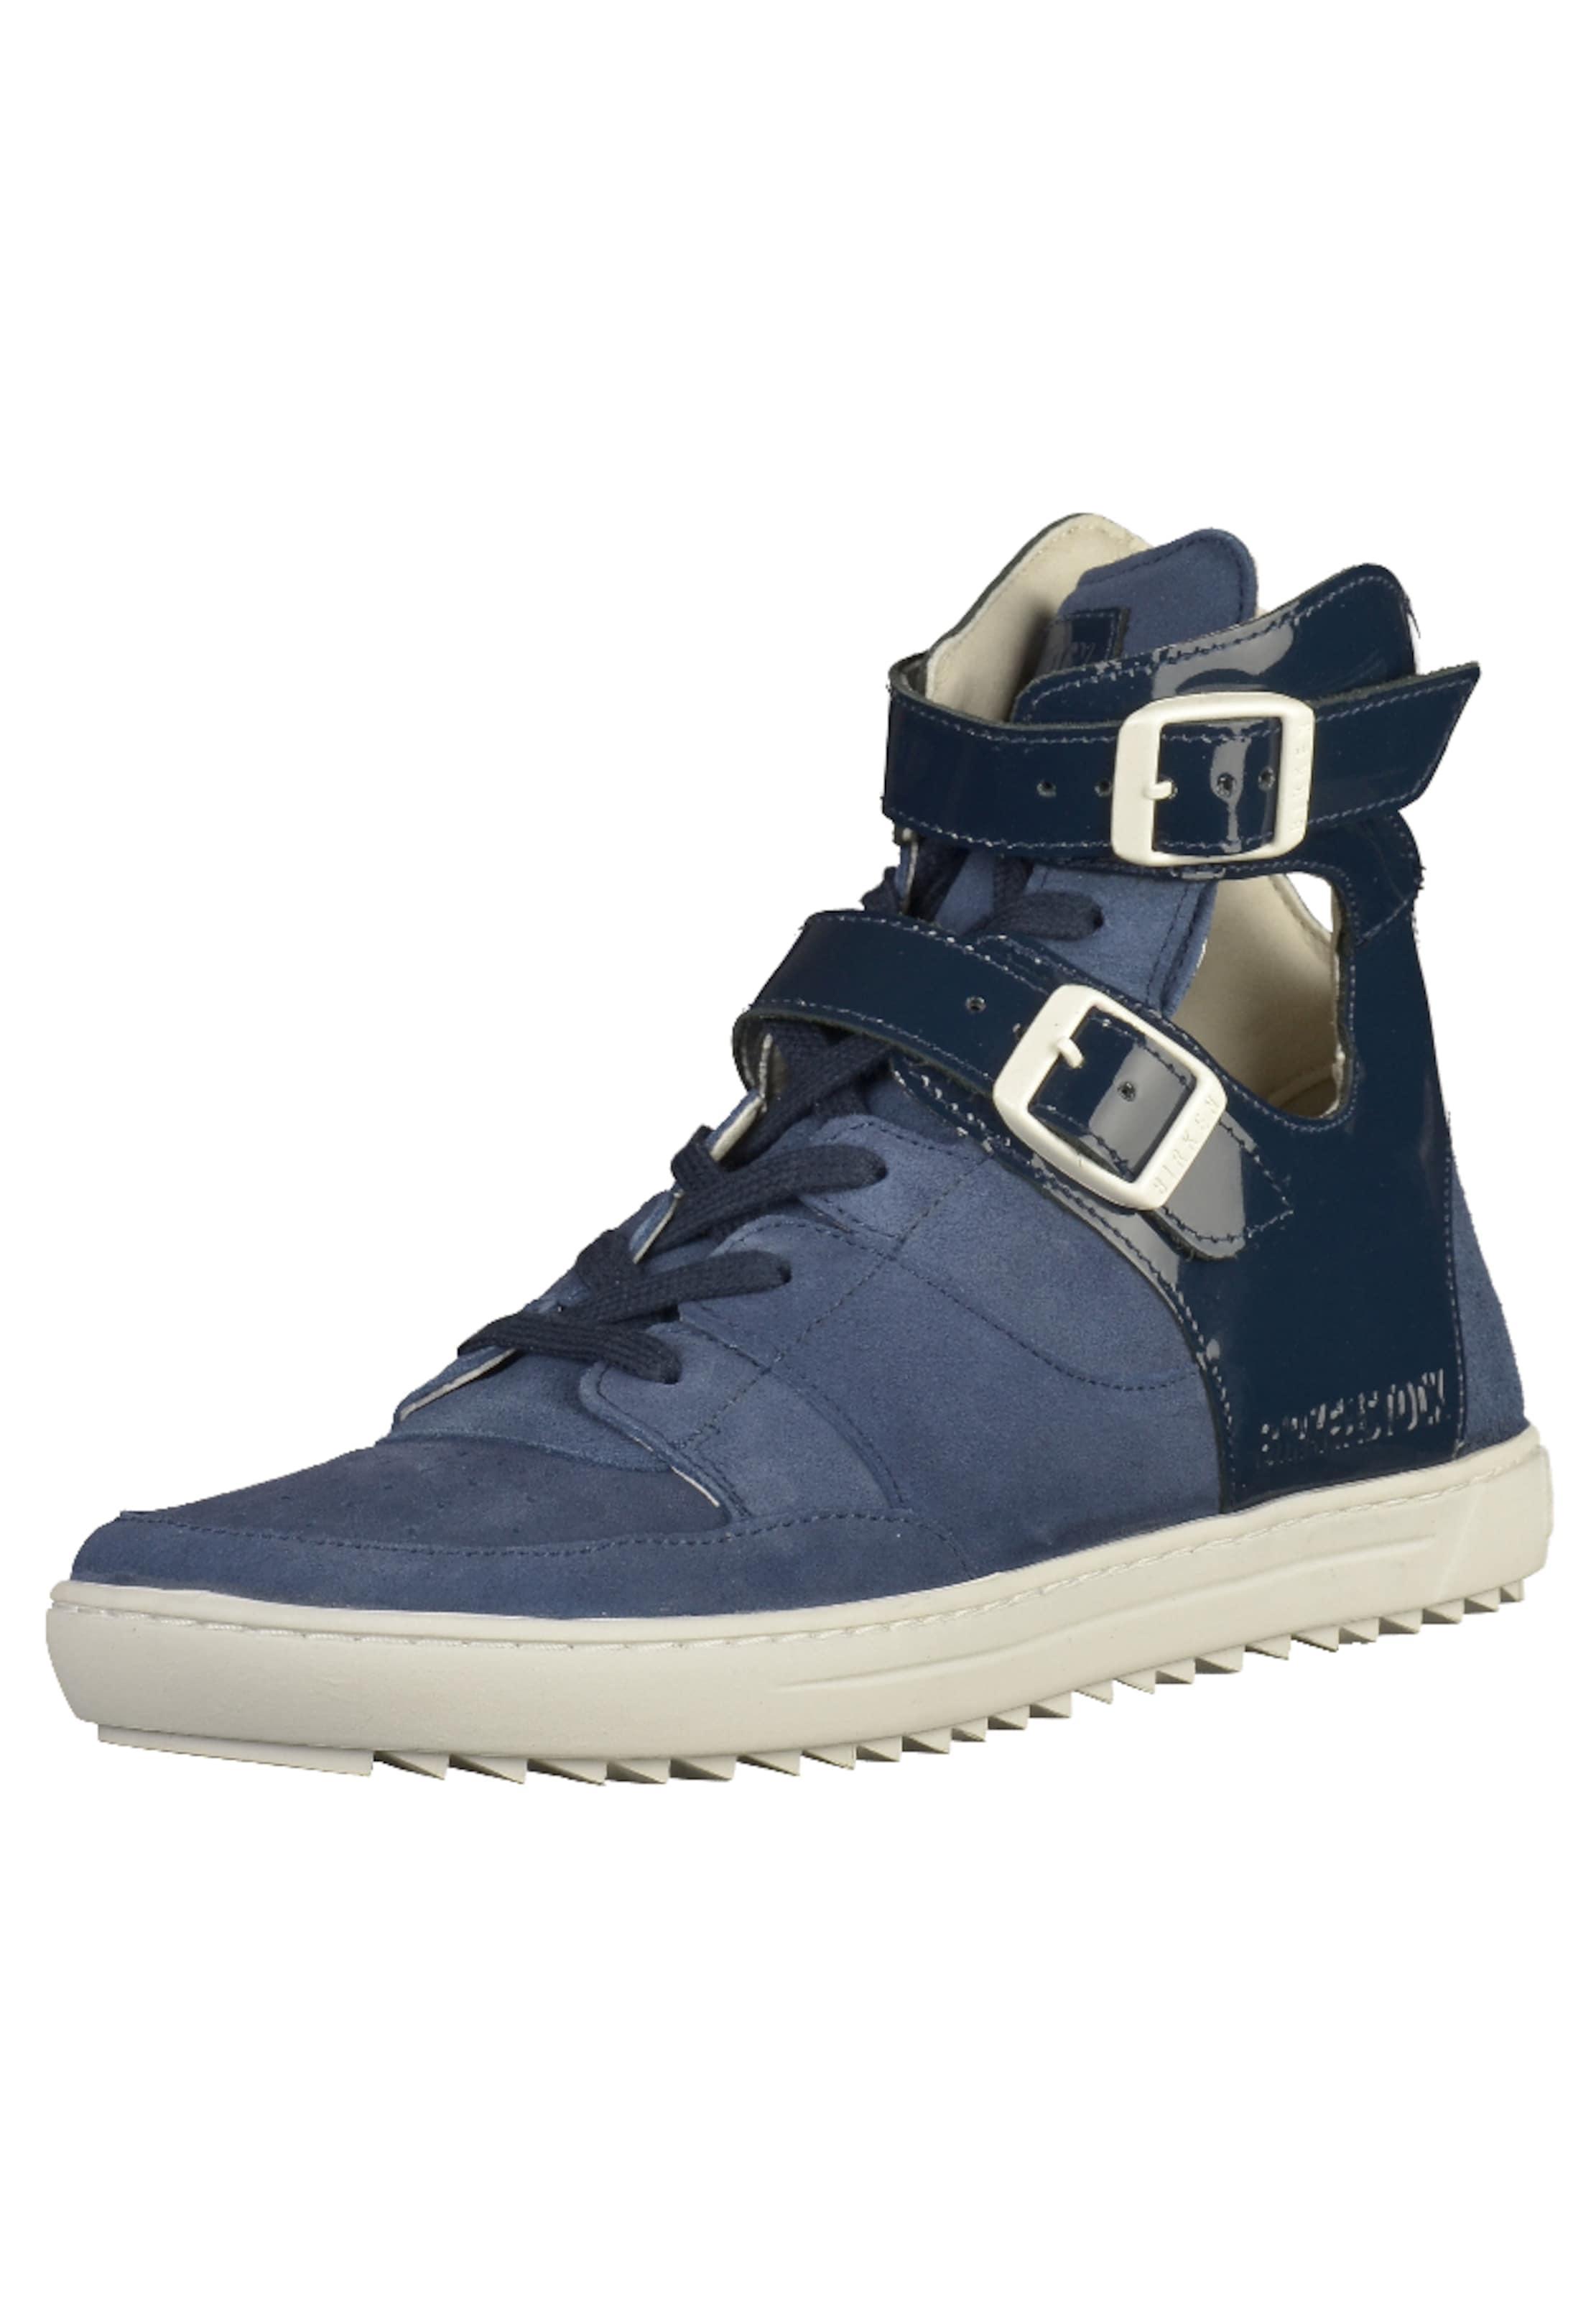 BIRKENSTOCK Sneaker Thessaloniki Verschleißfeste billige Schuhe